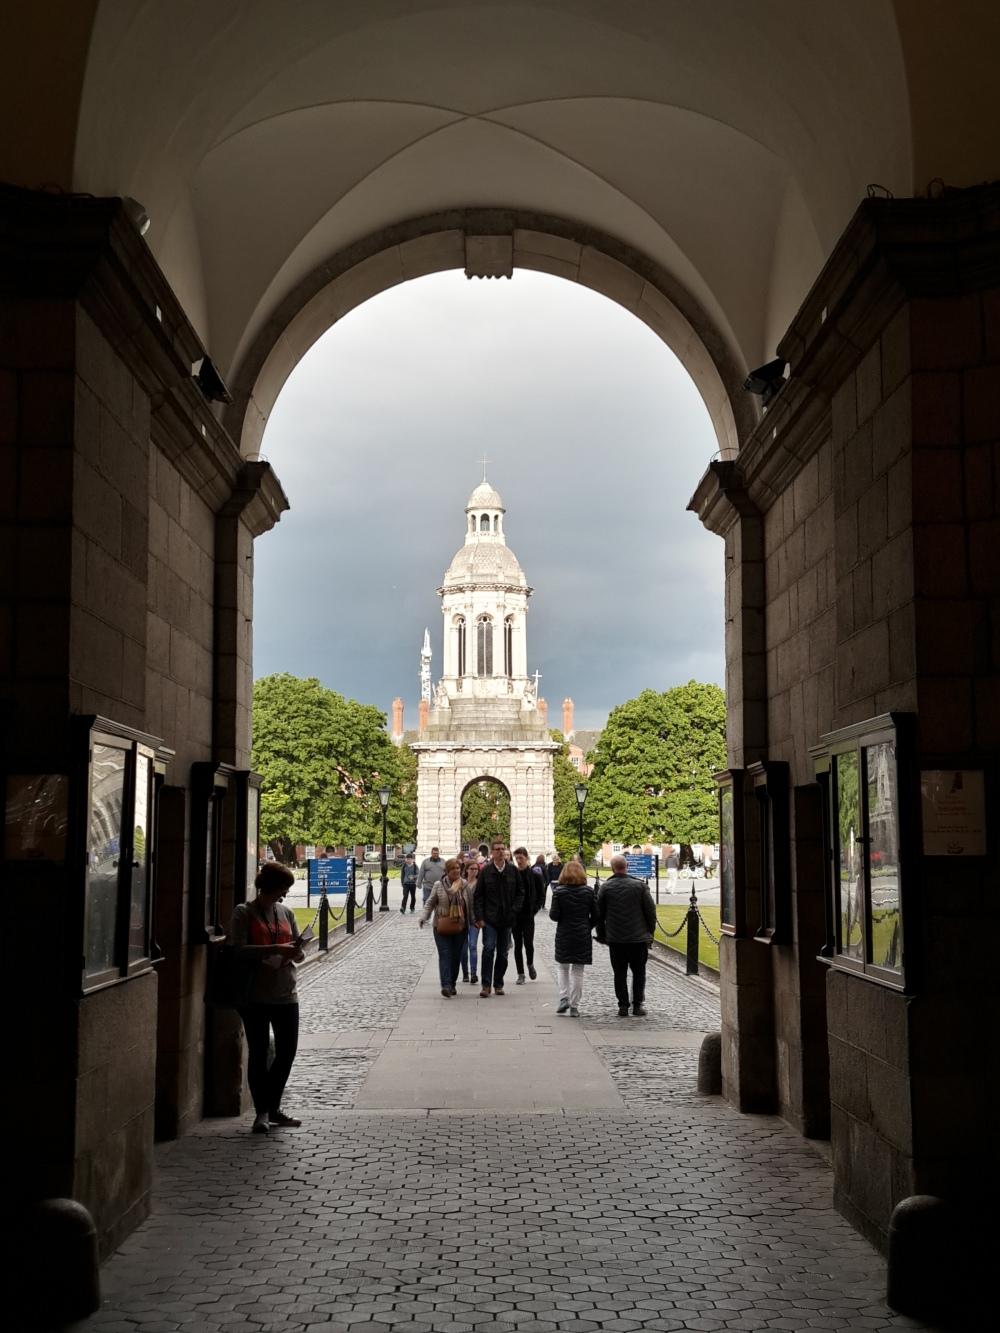 Dublino-Irlanda-Viaggio a Dublino-Trinity College-Architettura-College-Città europea